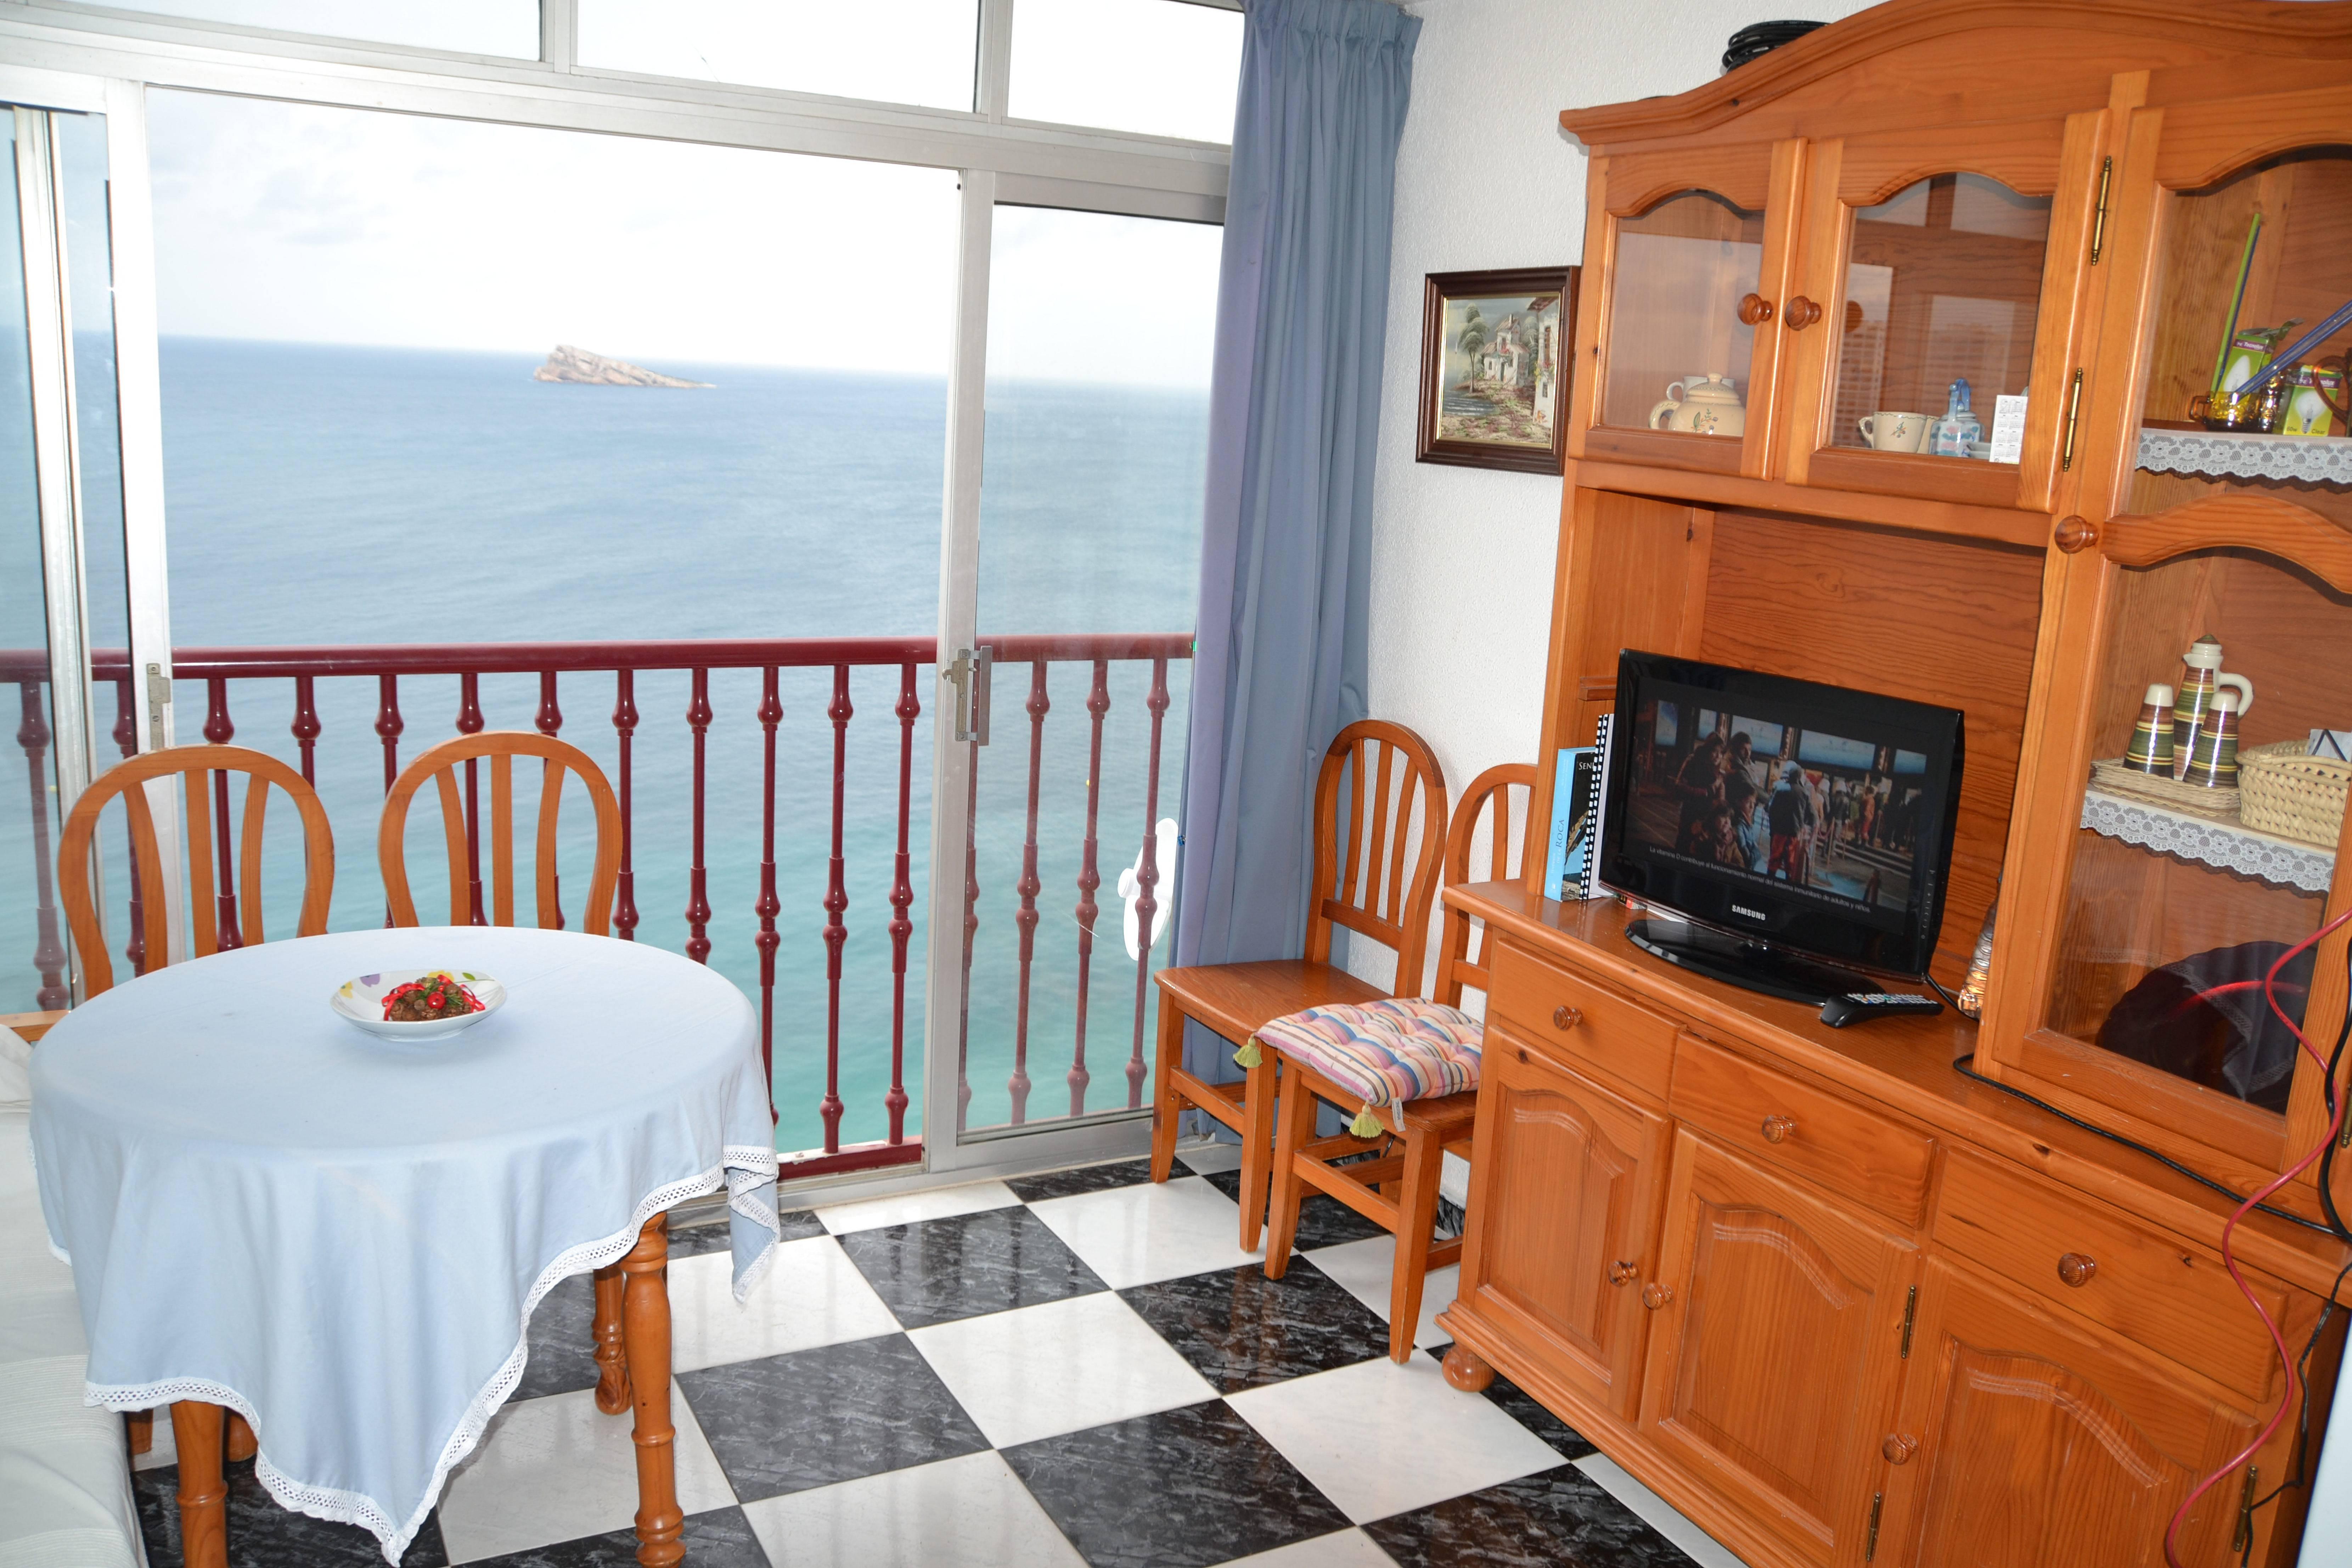 Apartamento de 1 habitaci n en 1a l nea de playa benidorm alicante costa blanca - Alquilo habitacion en alicante ...